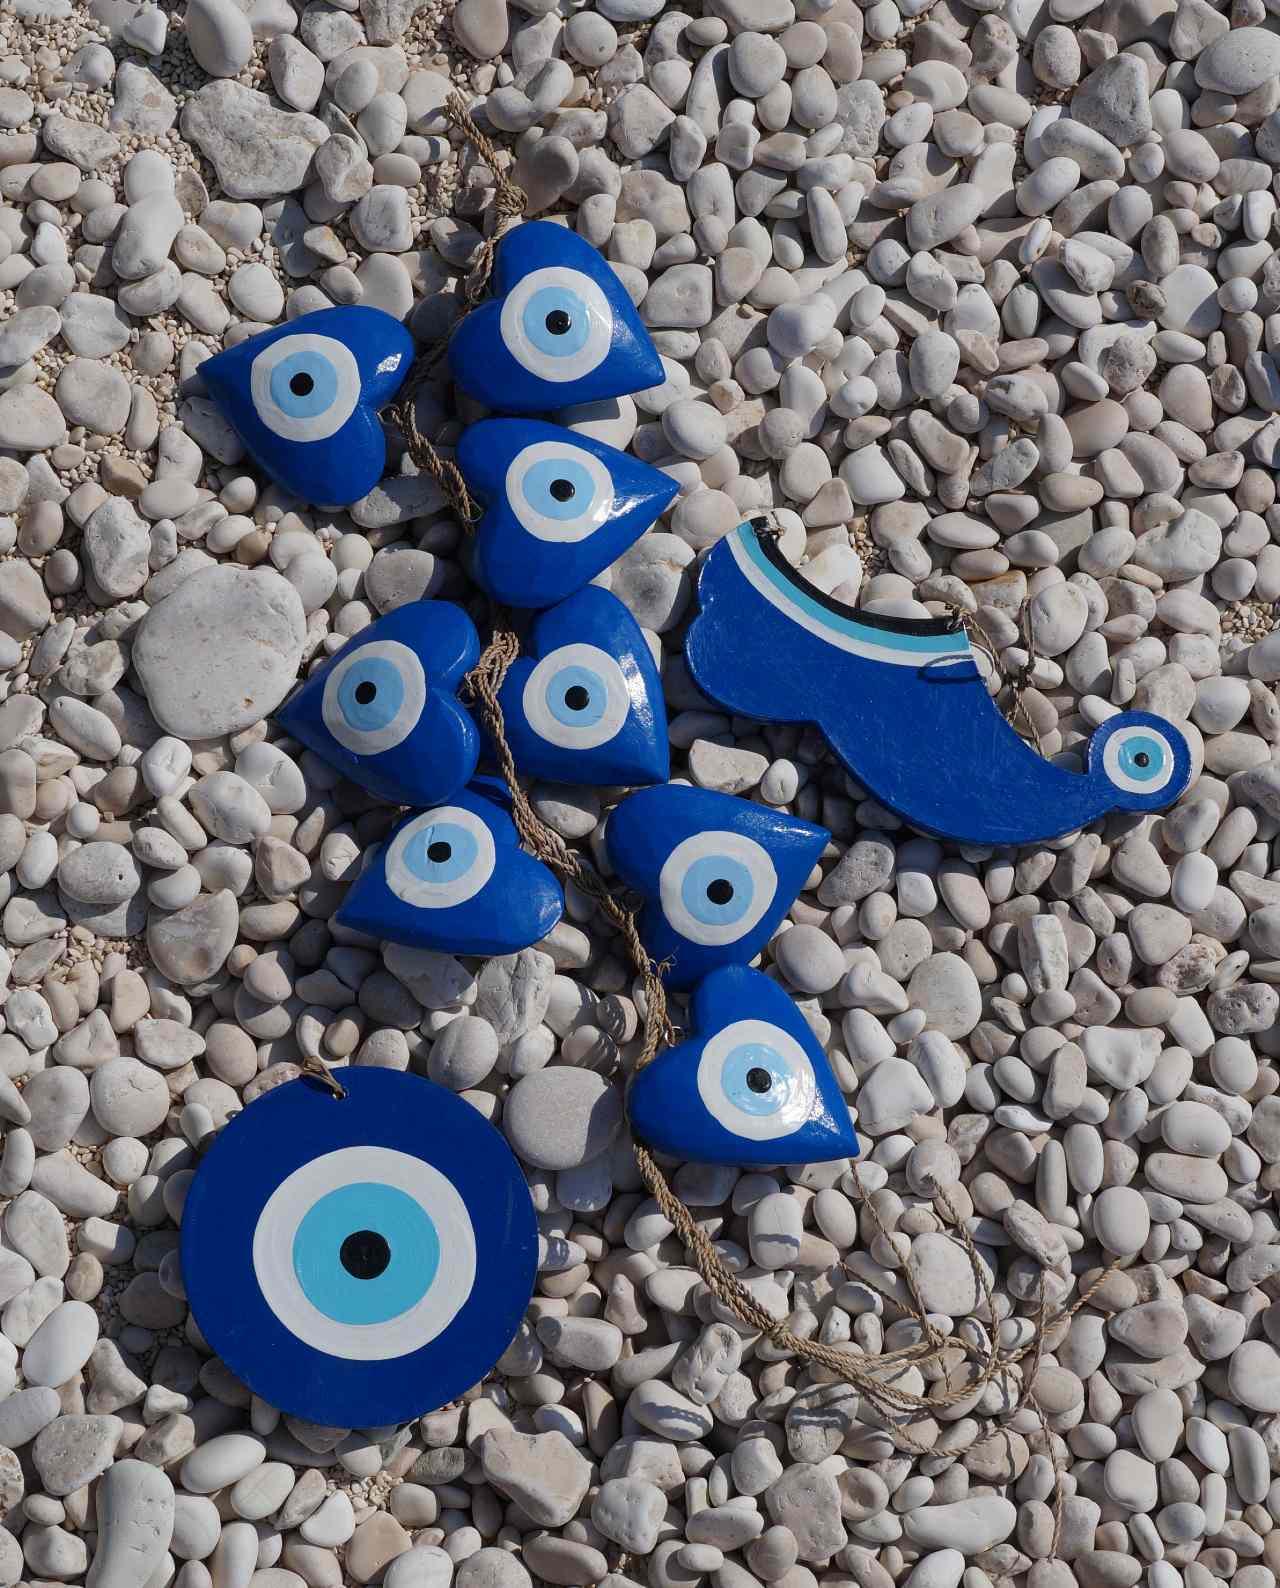 ματάκια μπλε ξύλινα χειροποίητα στην παραλία